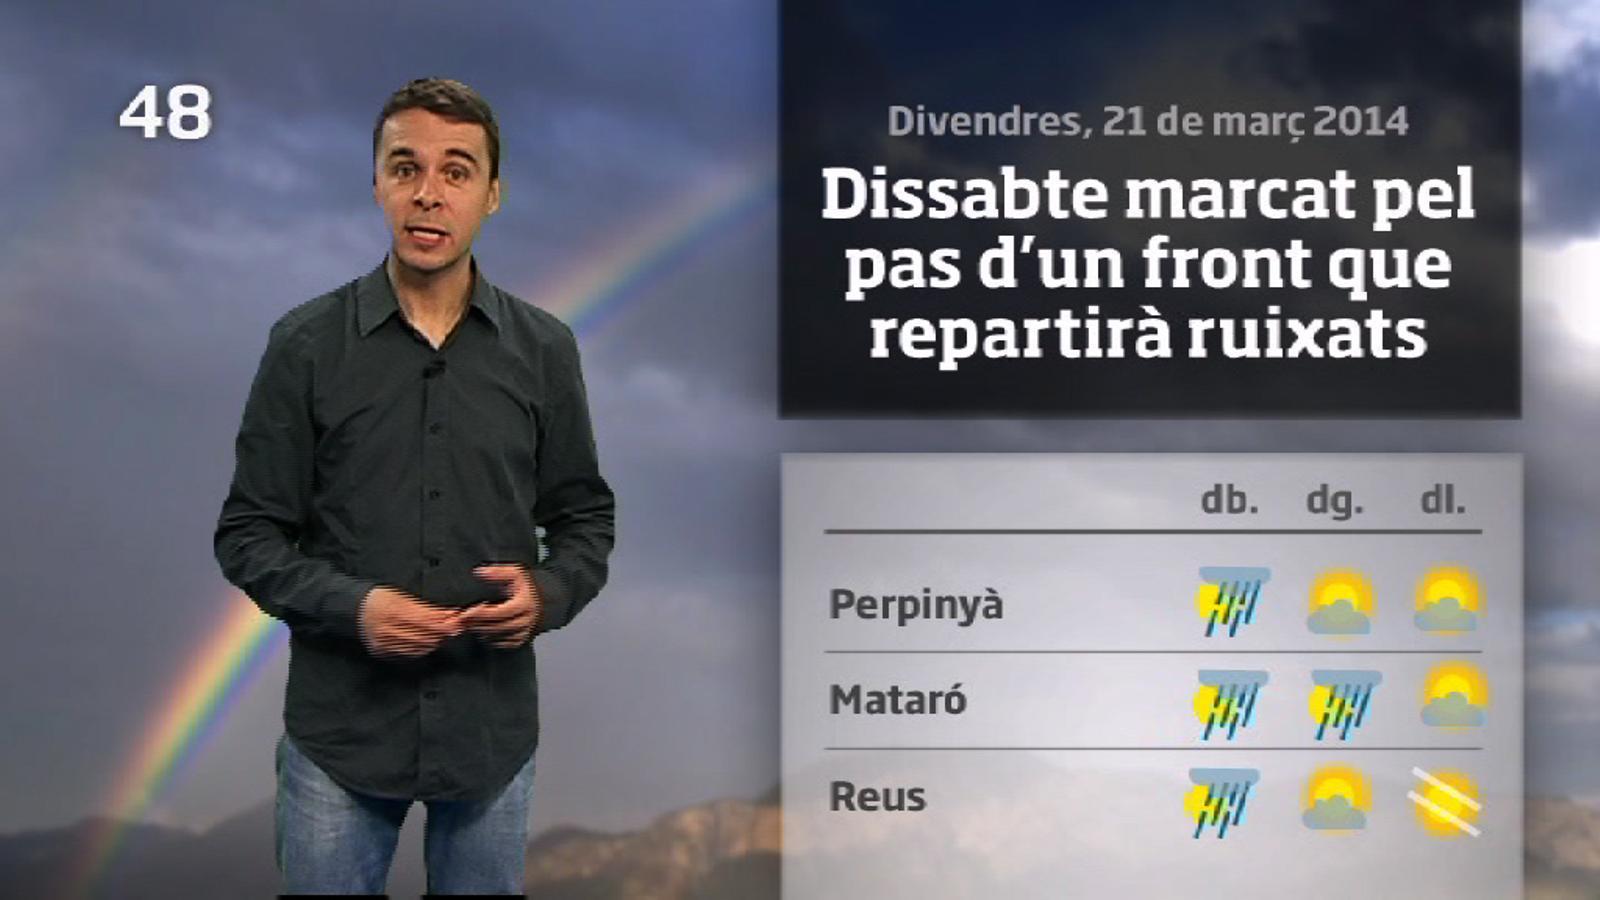 La méteo en 1 minut: Torna l'hivern (22/03/2014)